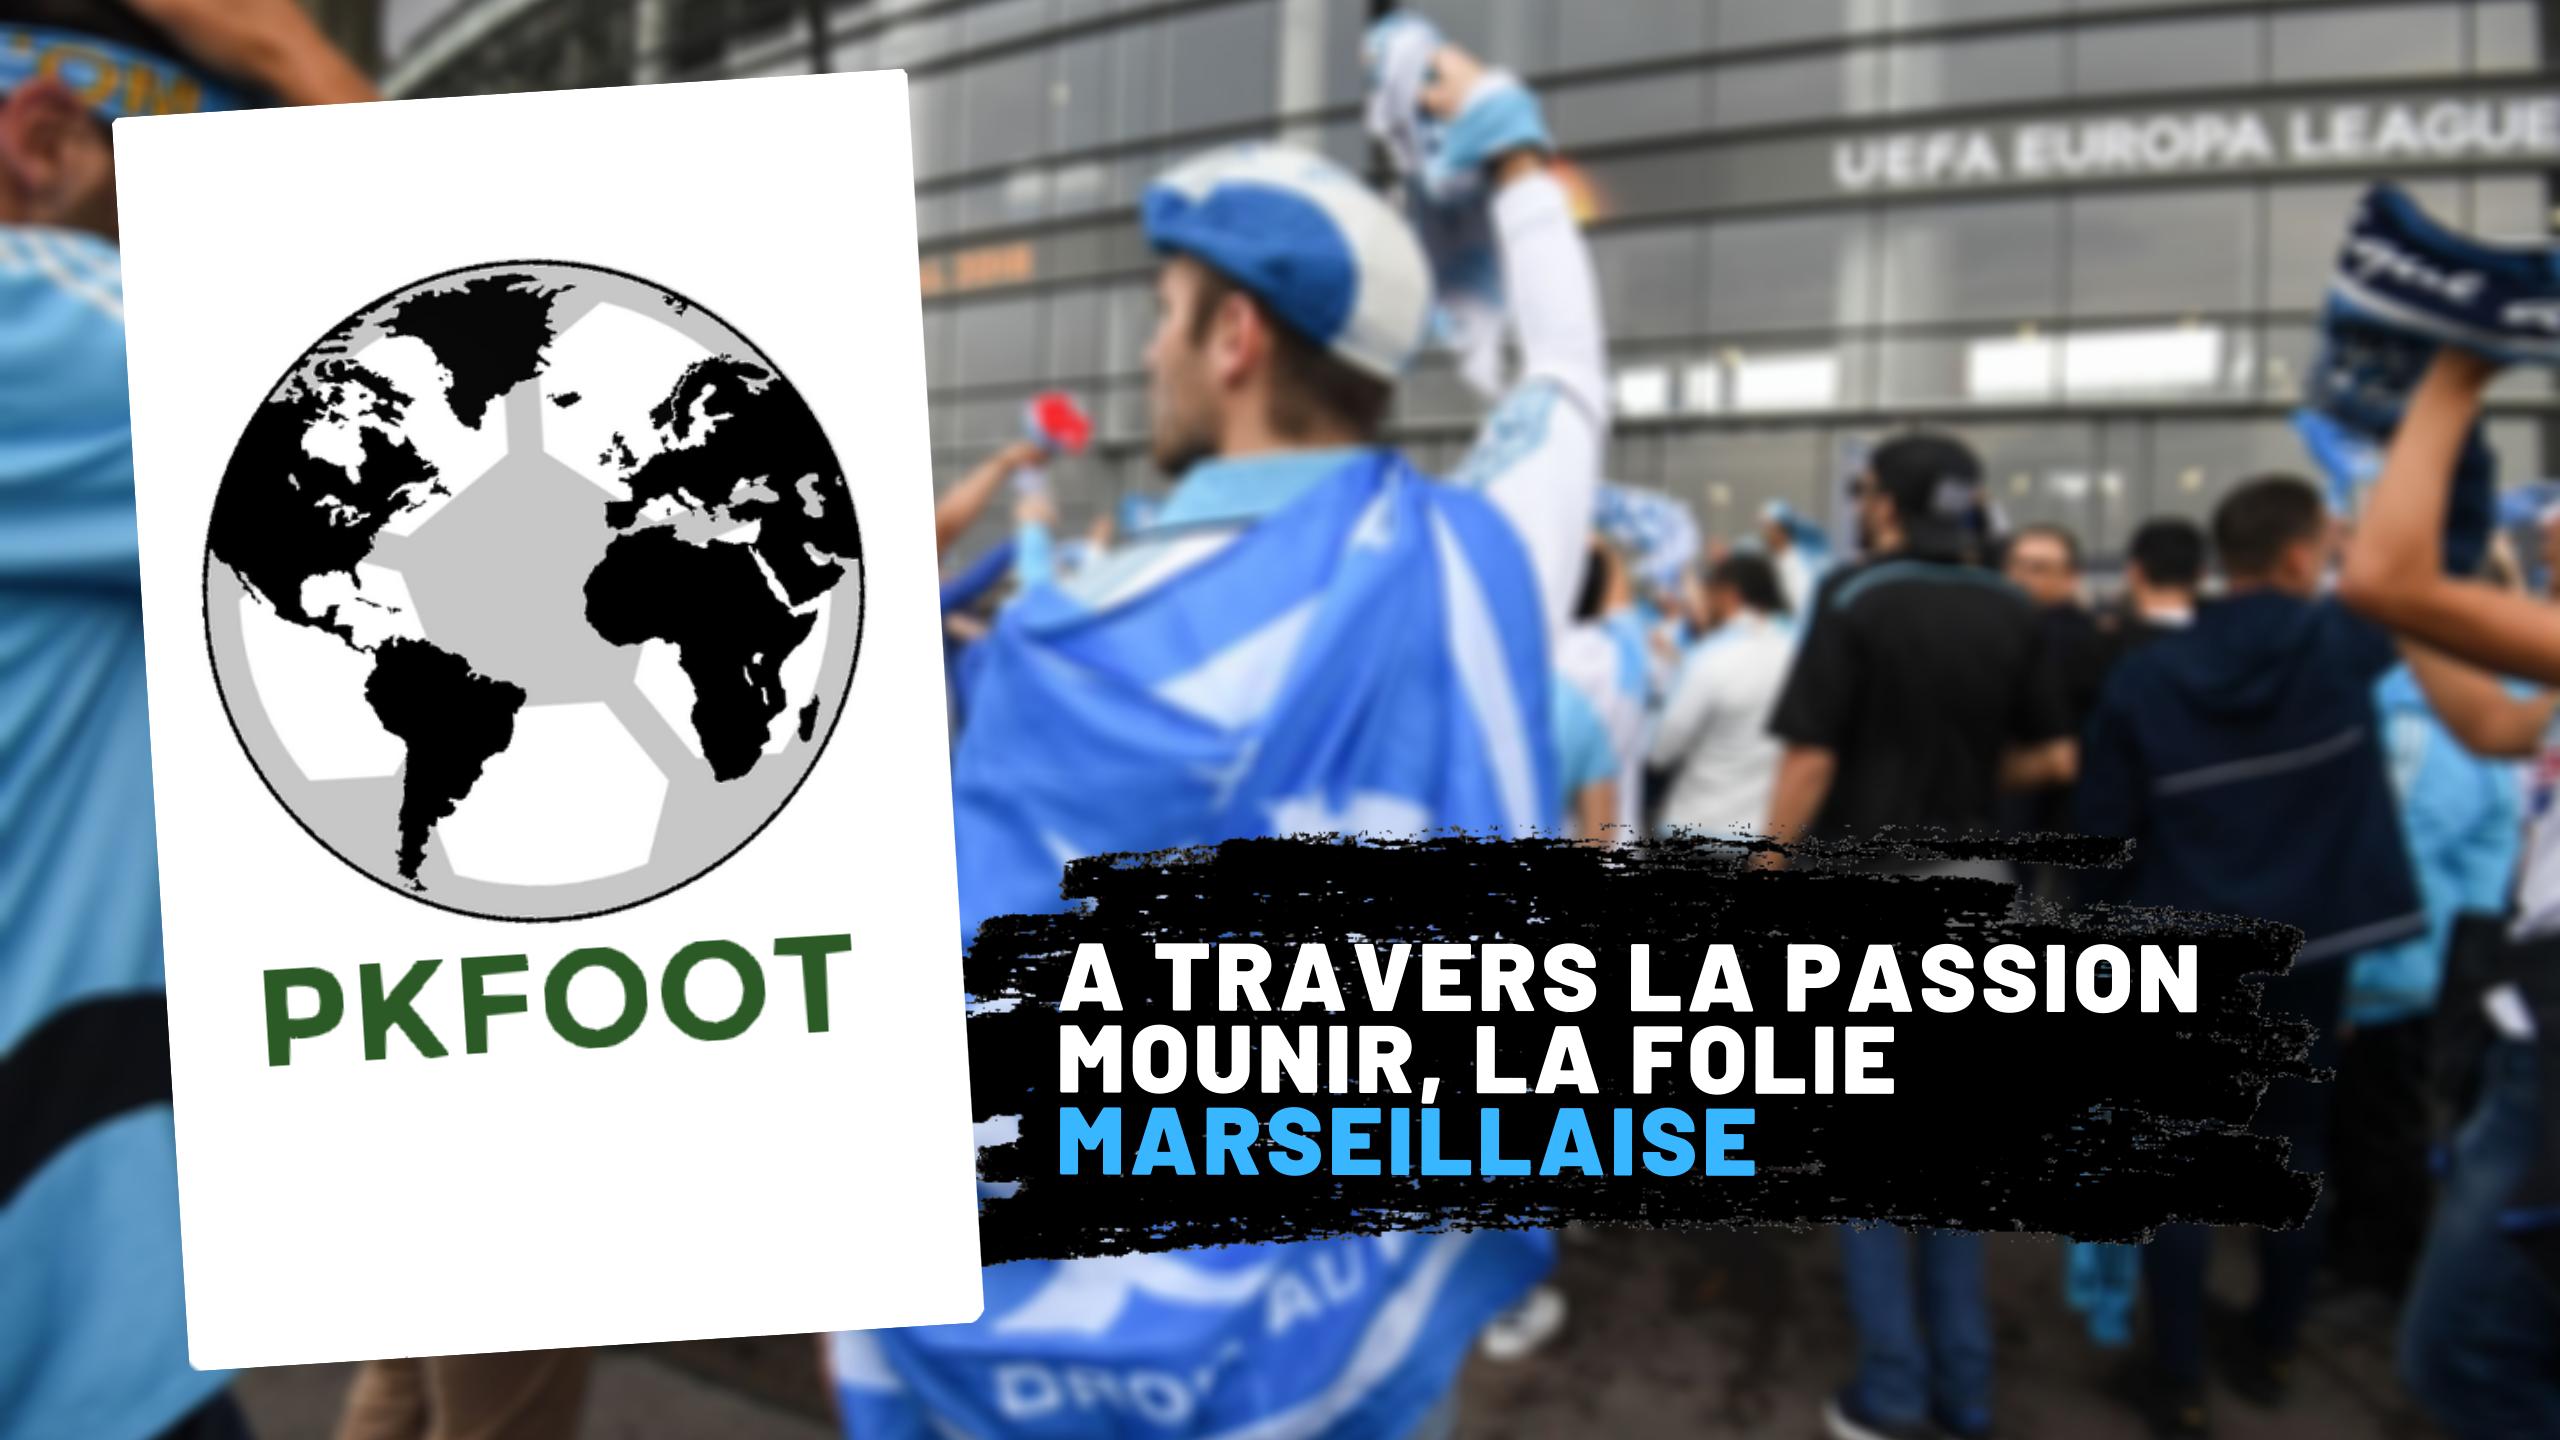 À travers la passion E01 : Mounir, la folie marseillaise